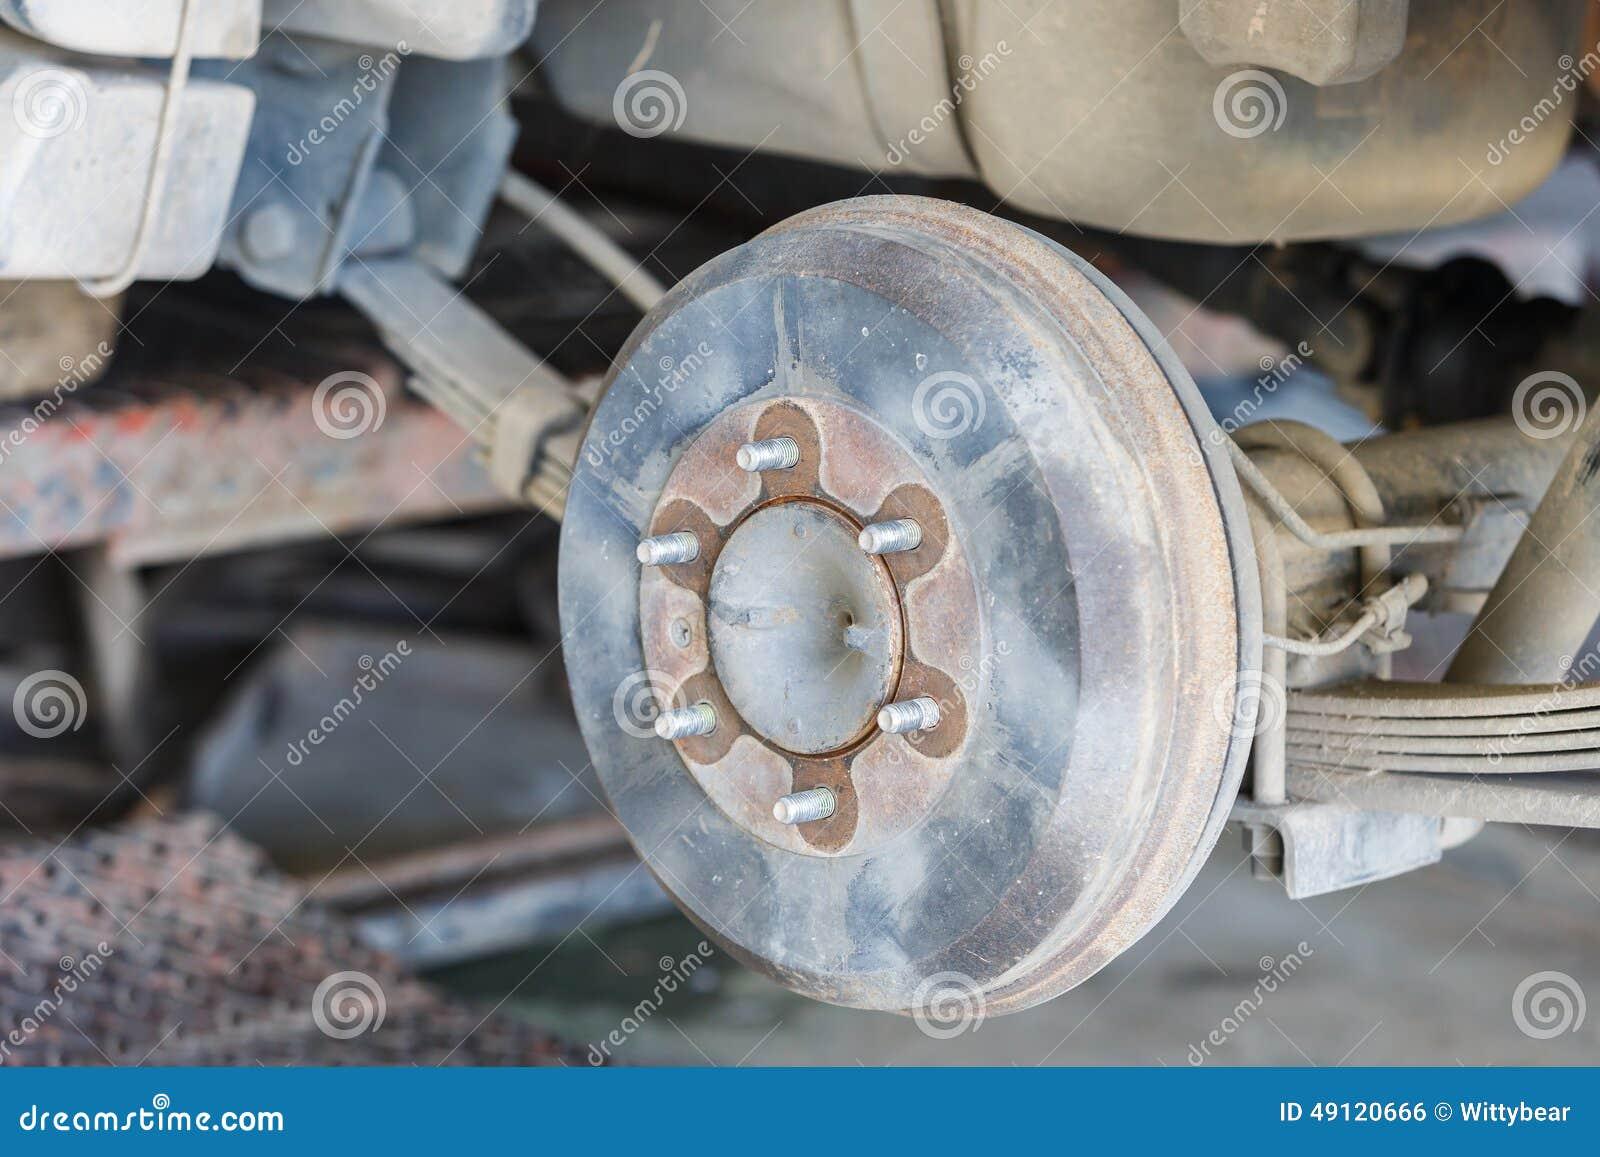 changement de roue de voiture photo stock image du automobile pour 49120666. Black Bedroom Furniture Sets. Home Design Ideas